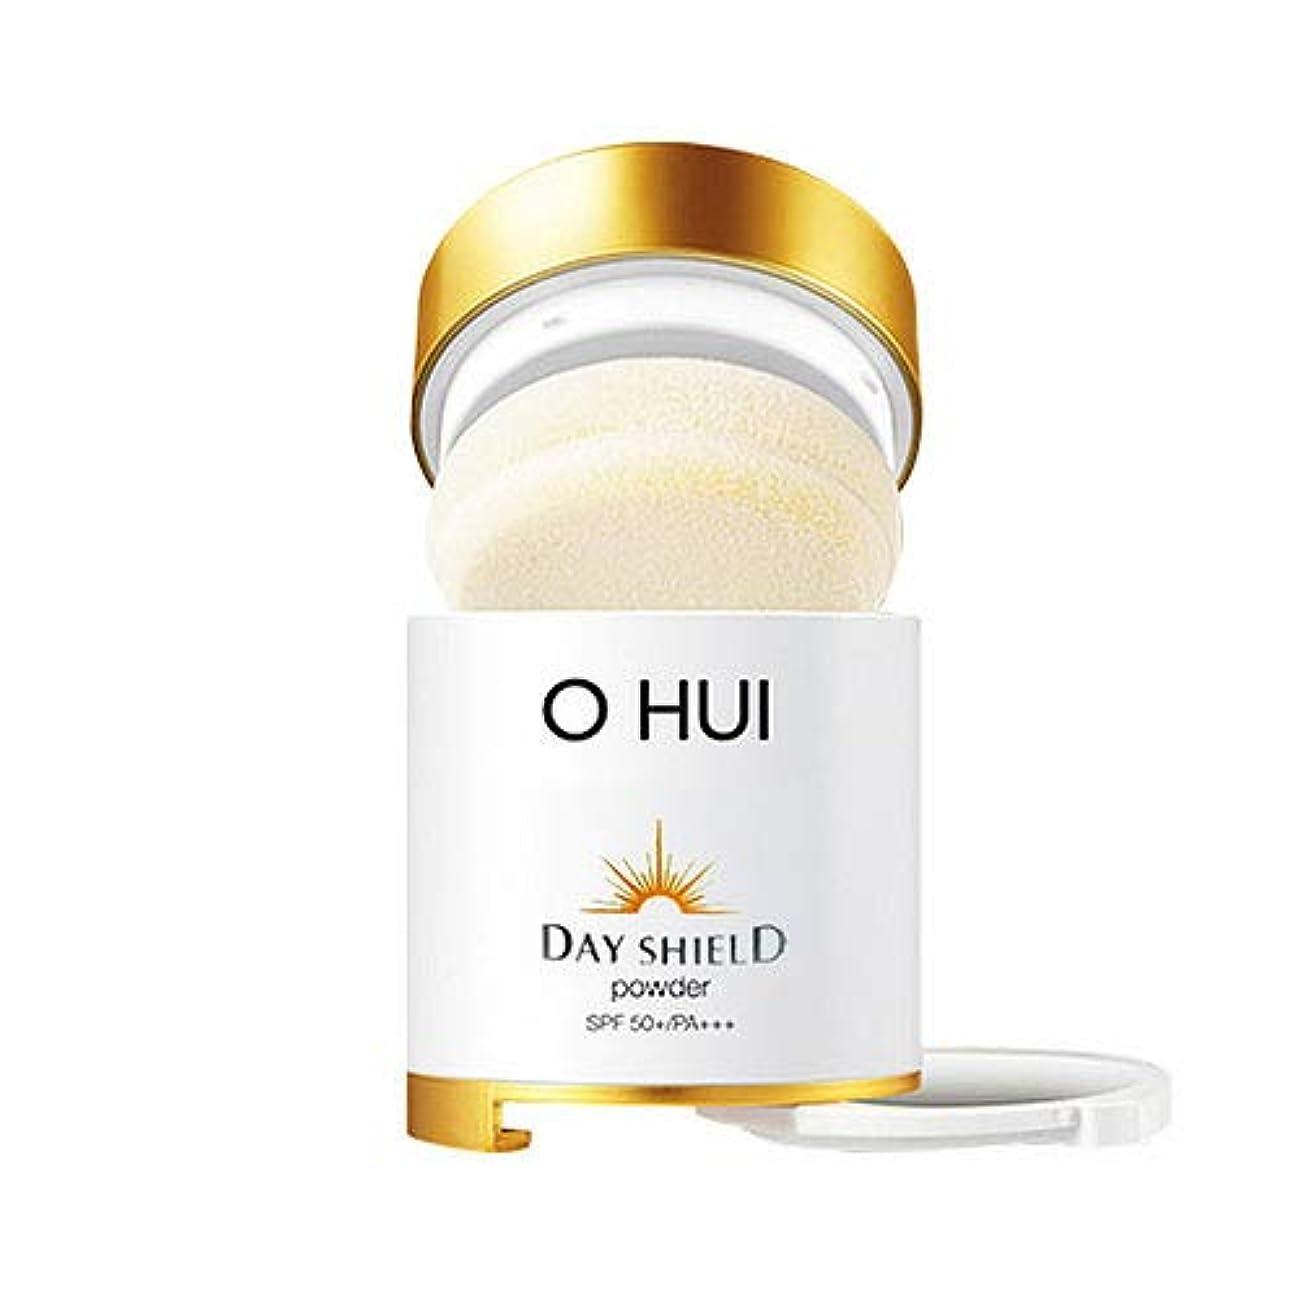 ラリー小数写真オフィ デイシールドサンパウダー 20g OHUI Day Shield Sun Powder (# beige) [並行輸入品]